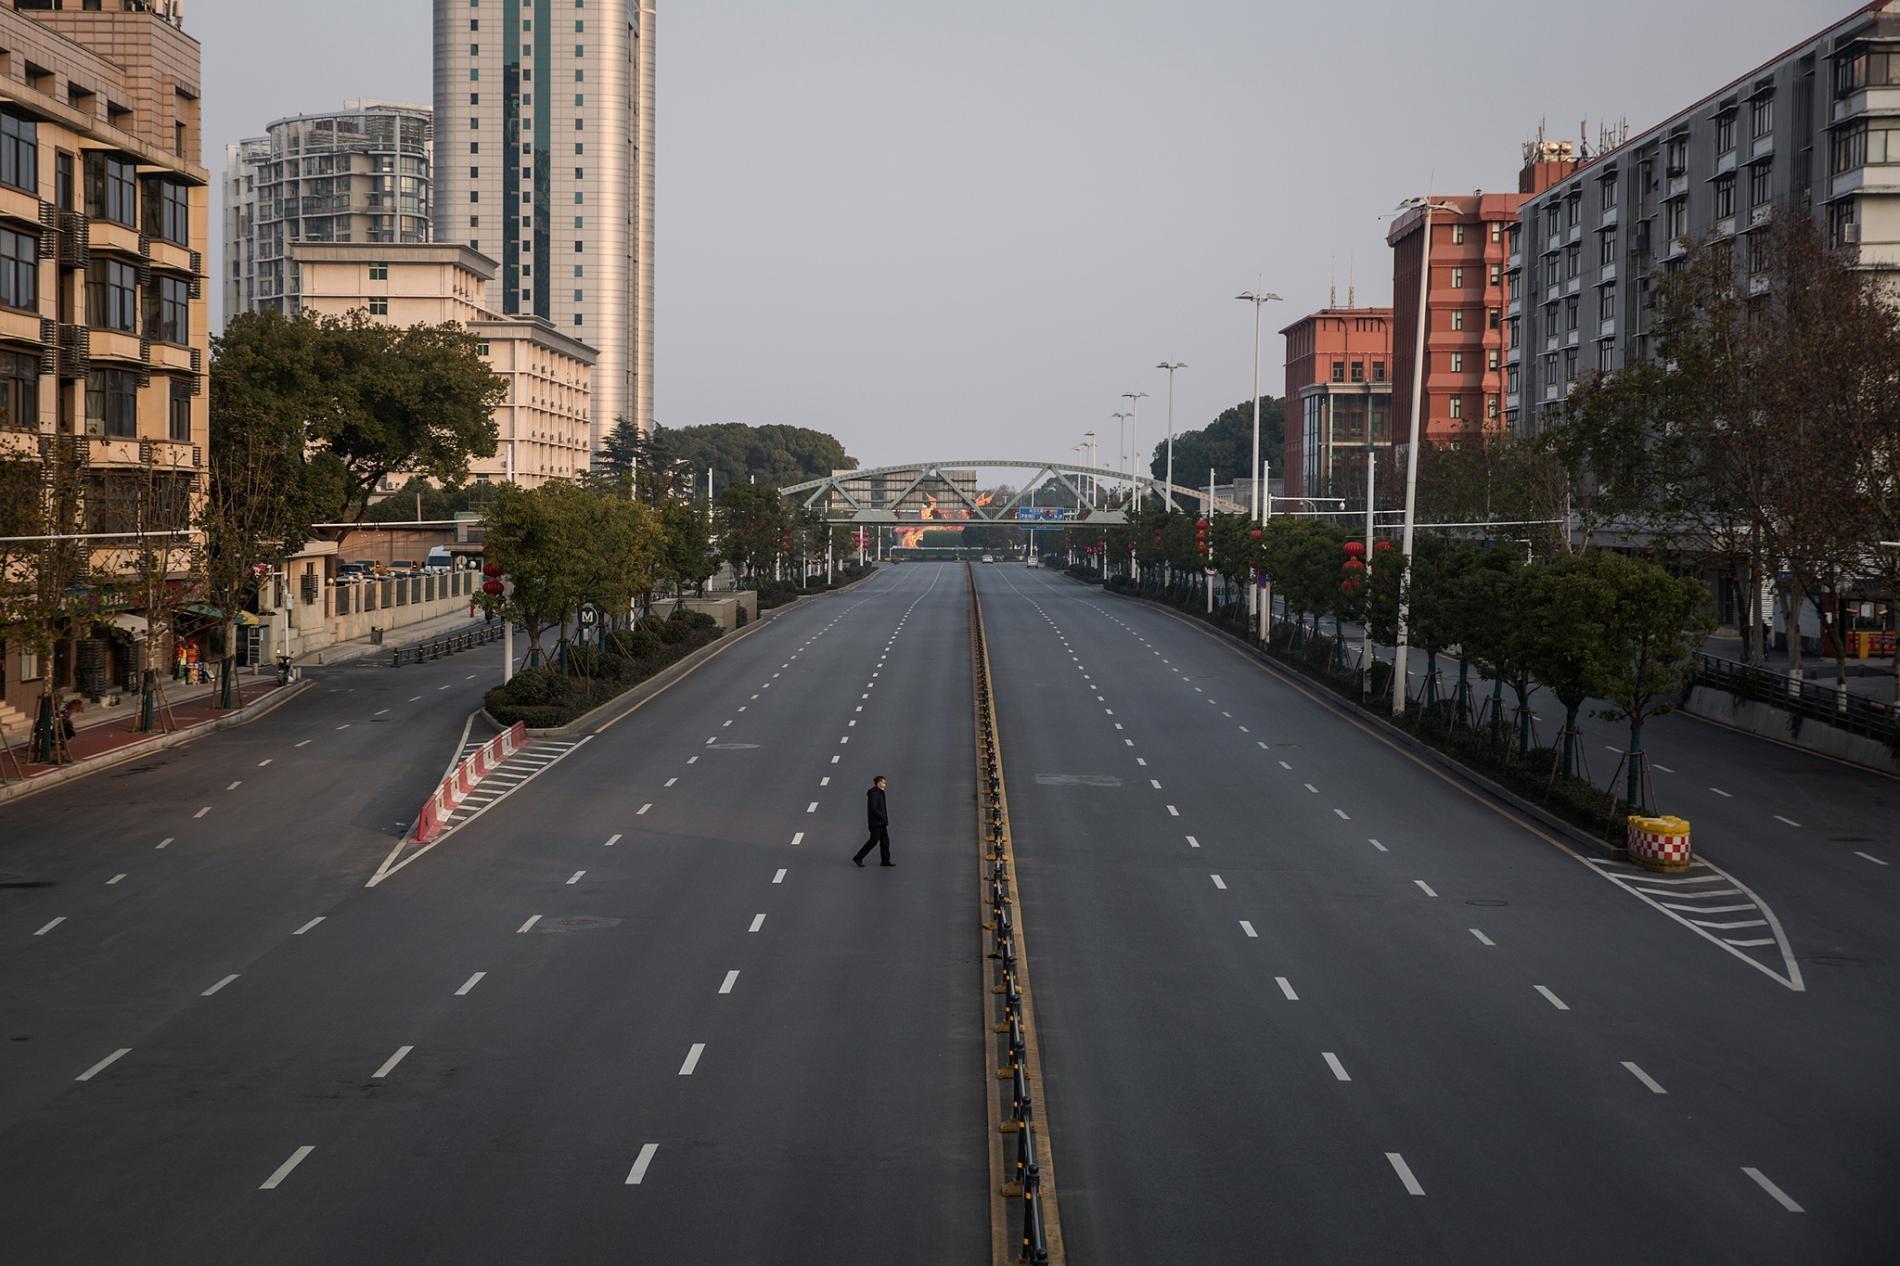 2020年2月3日,一名男子穿越中國武漢一處空蕩蕩的高速公路。中國武漢冠狀病毒感染的死亡人數已攀升至超過1000人。其他國家也有通報病例,包括美國、加拿大、澳洲、日本、南韓、印度、英國、德國、法國等。PHOTOGRAPH BY GETTY IMAGES